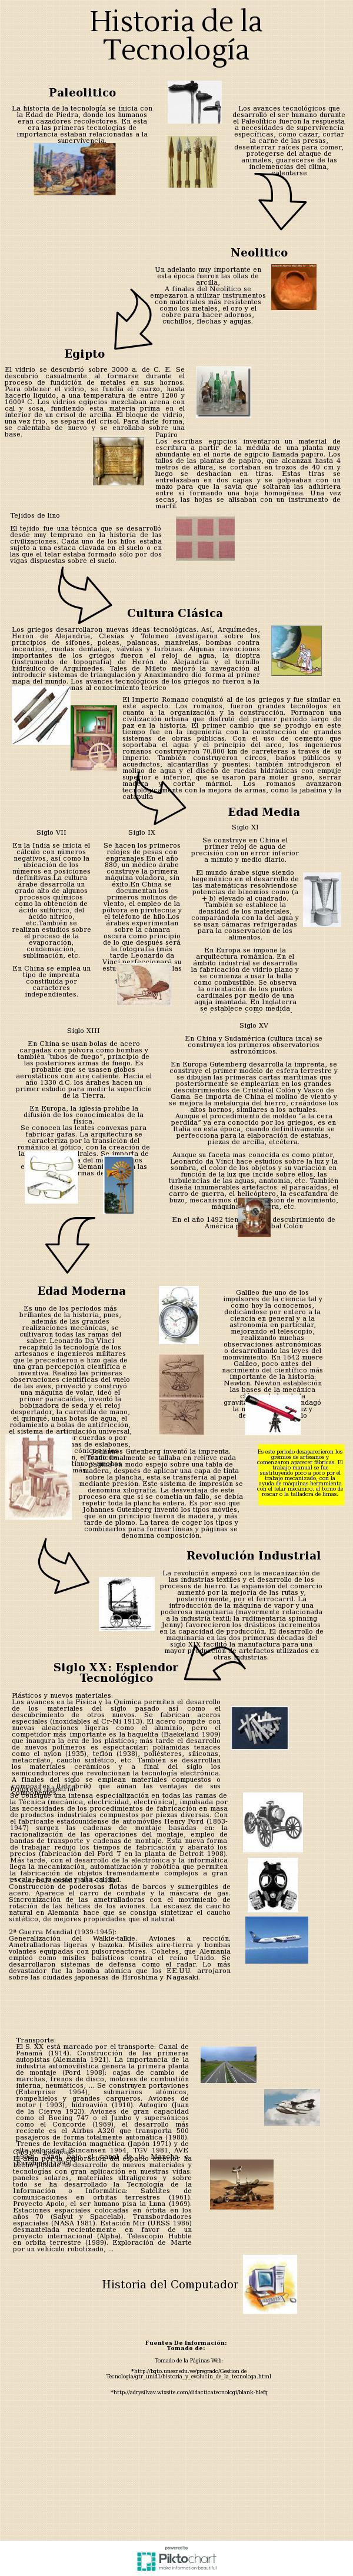 Historia de la Tecnología | Piktochart Visual Editor